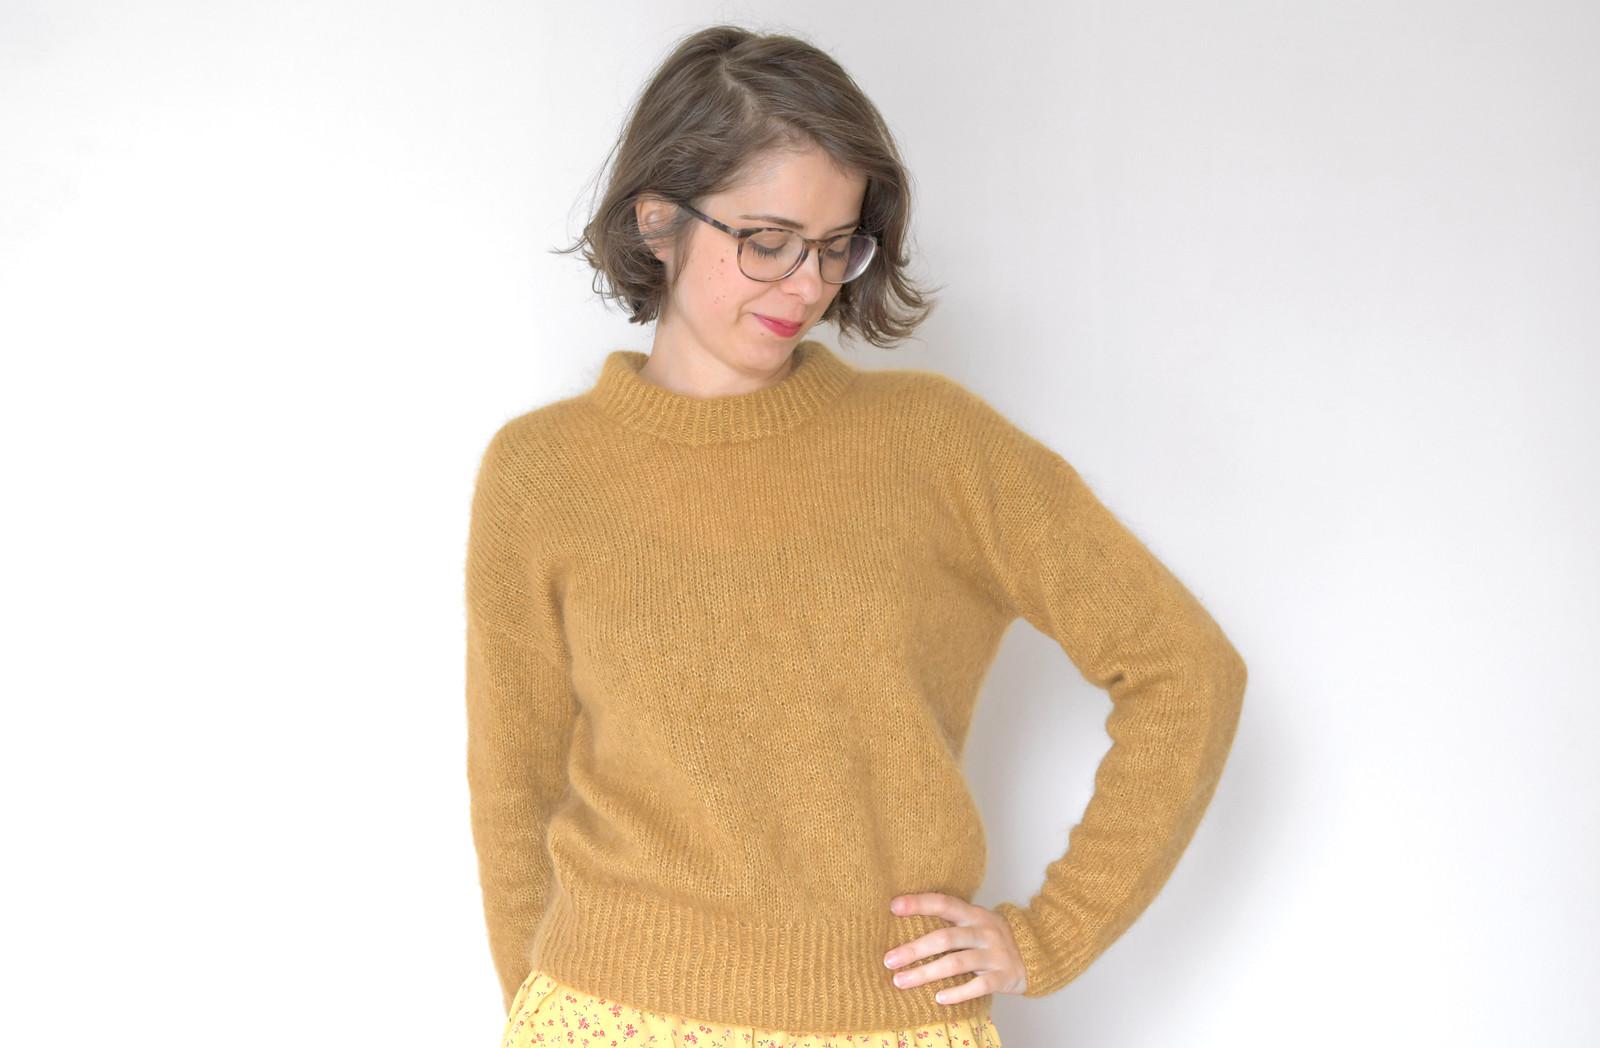 Mon Premier Pull Tricote En Rond Revue Du Patron Stockholm Sweater Les Yeux En Amande